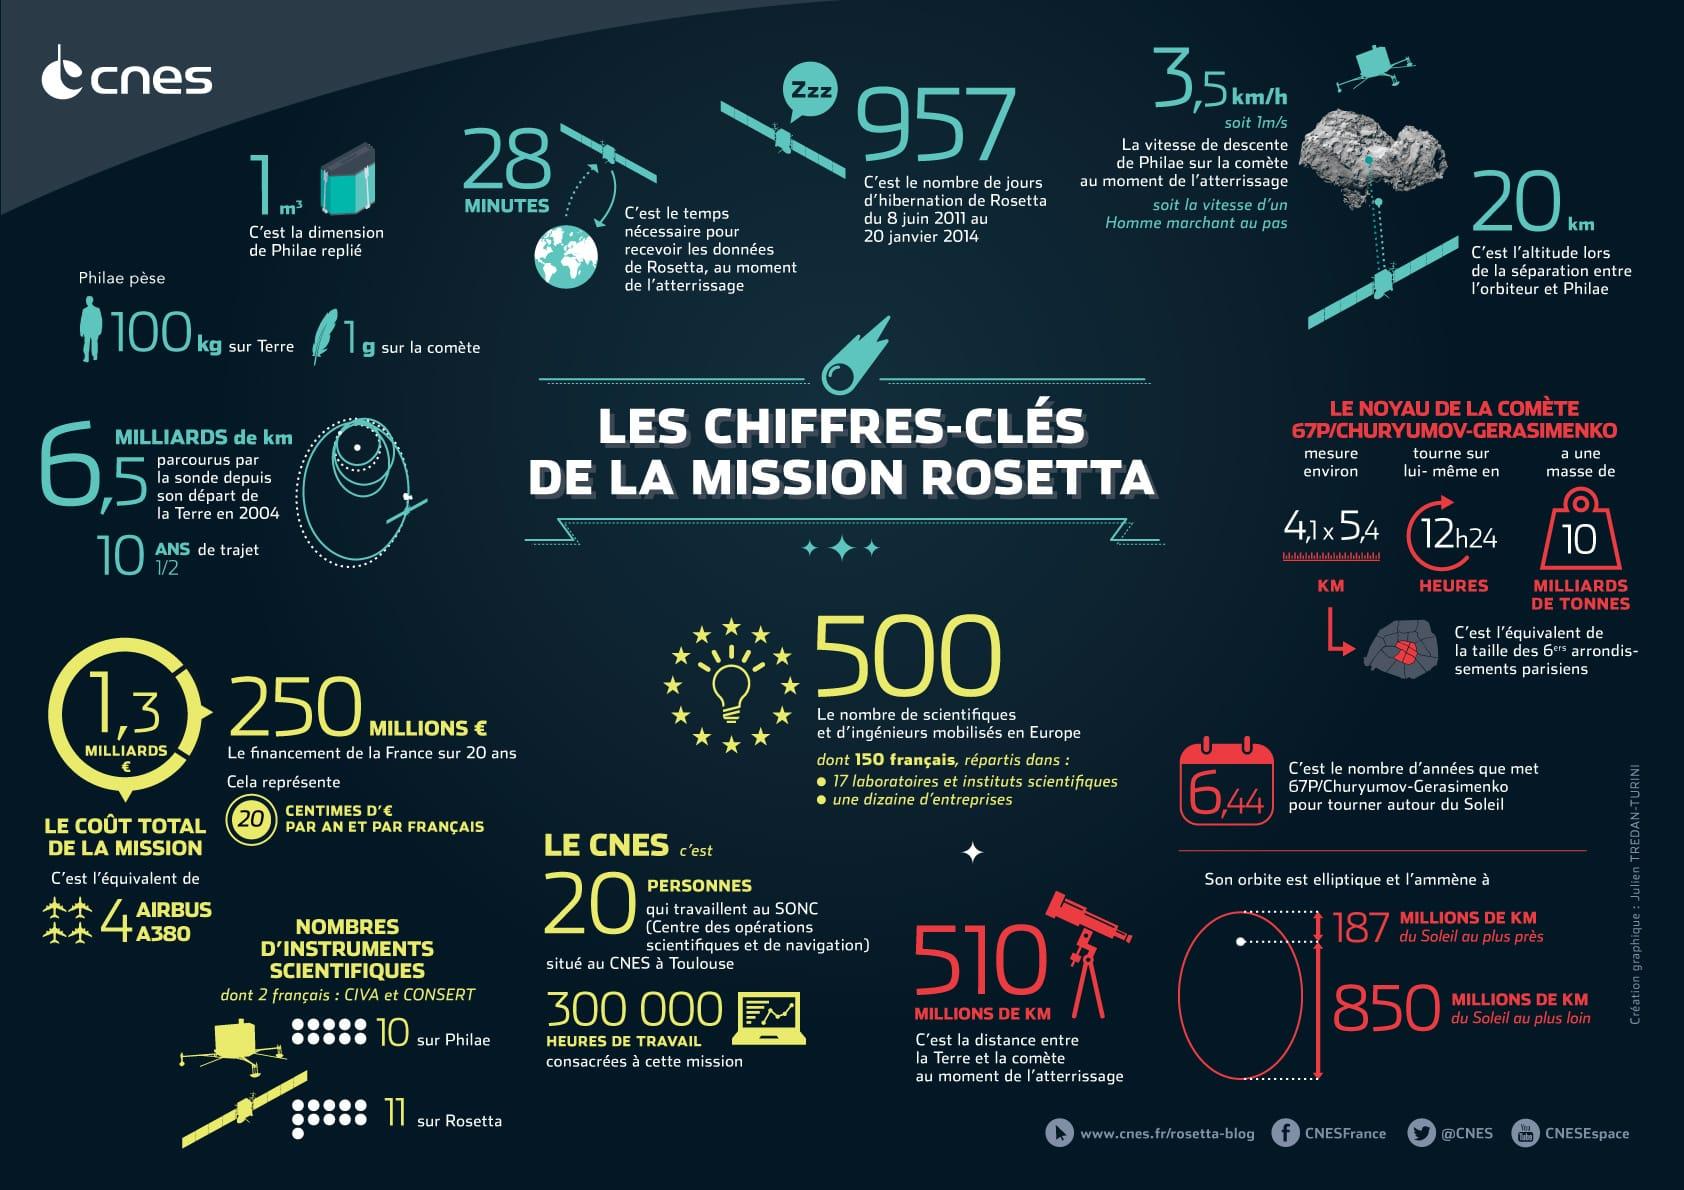 Mission Rosetta une pluie d'informations